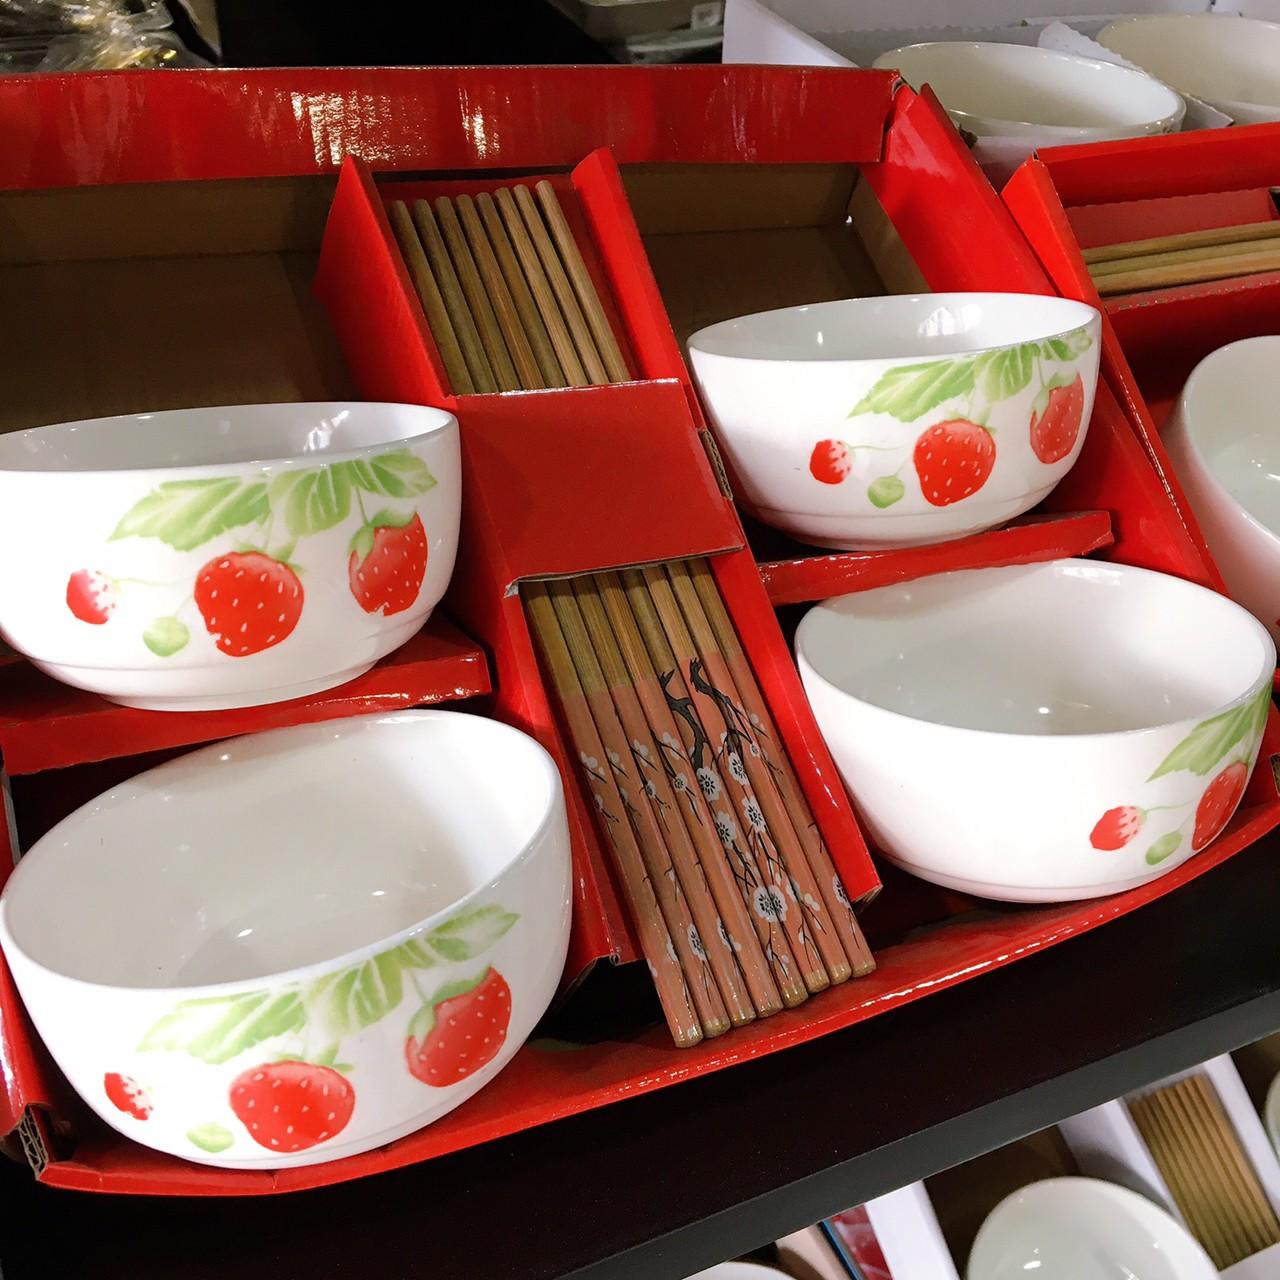 Mana ชุดของขวัญ Ceramics Tableware 108.- ส่งฟรี  ถ้วย 4 นิ้ว 2 ใบ ตะเกียบ 2 คู่